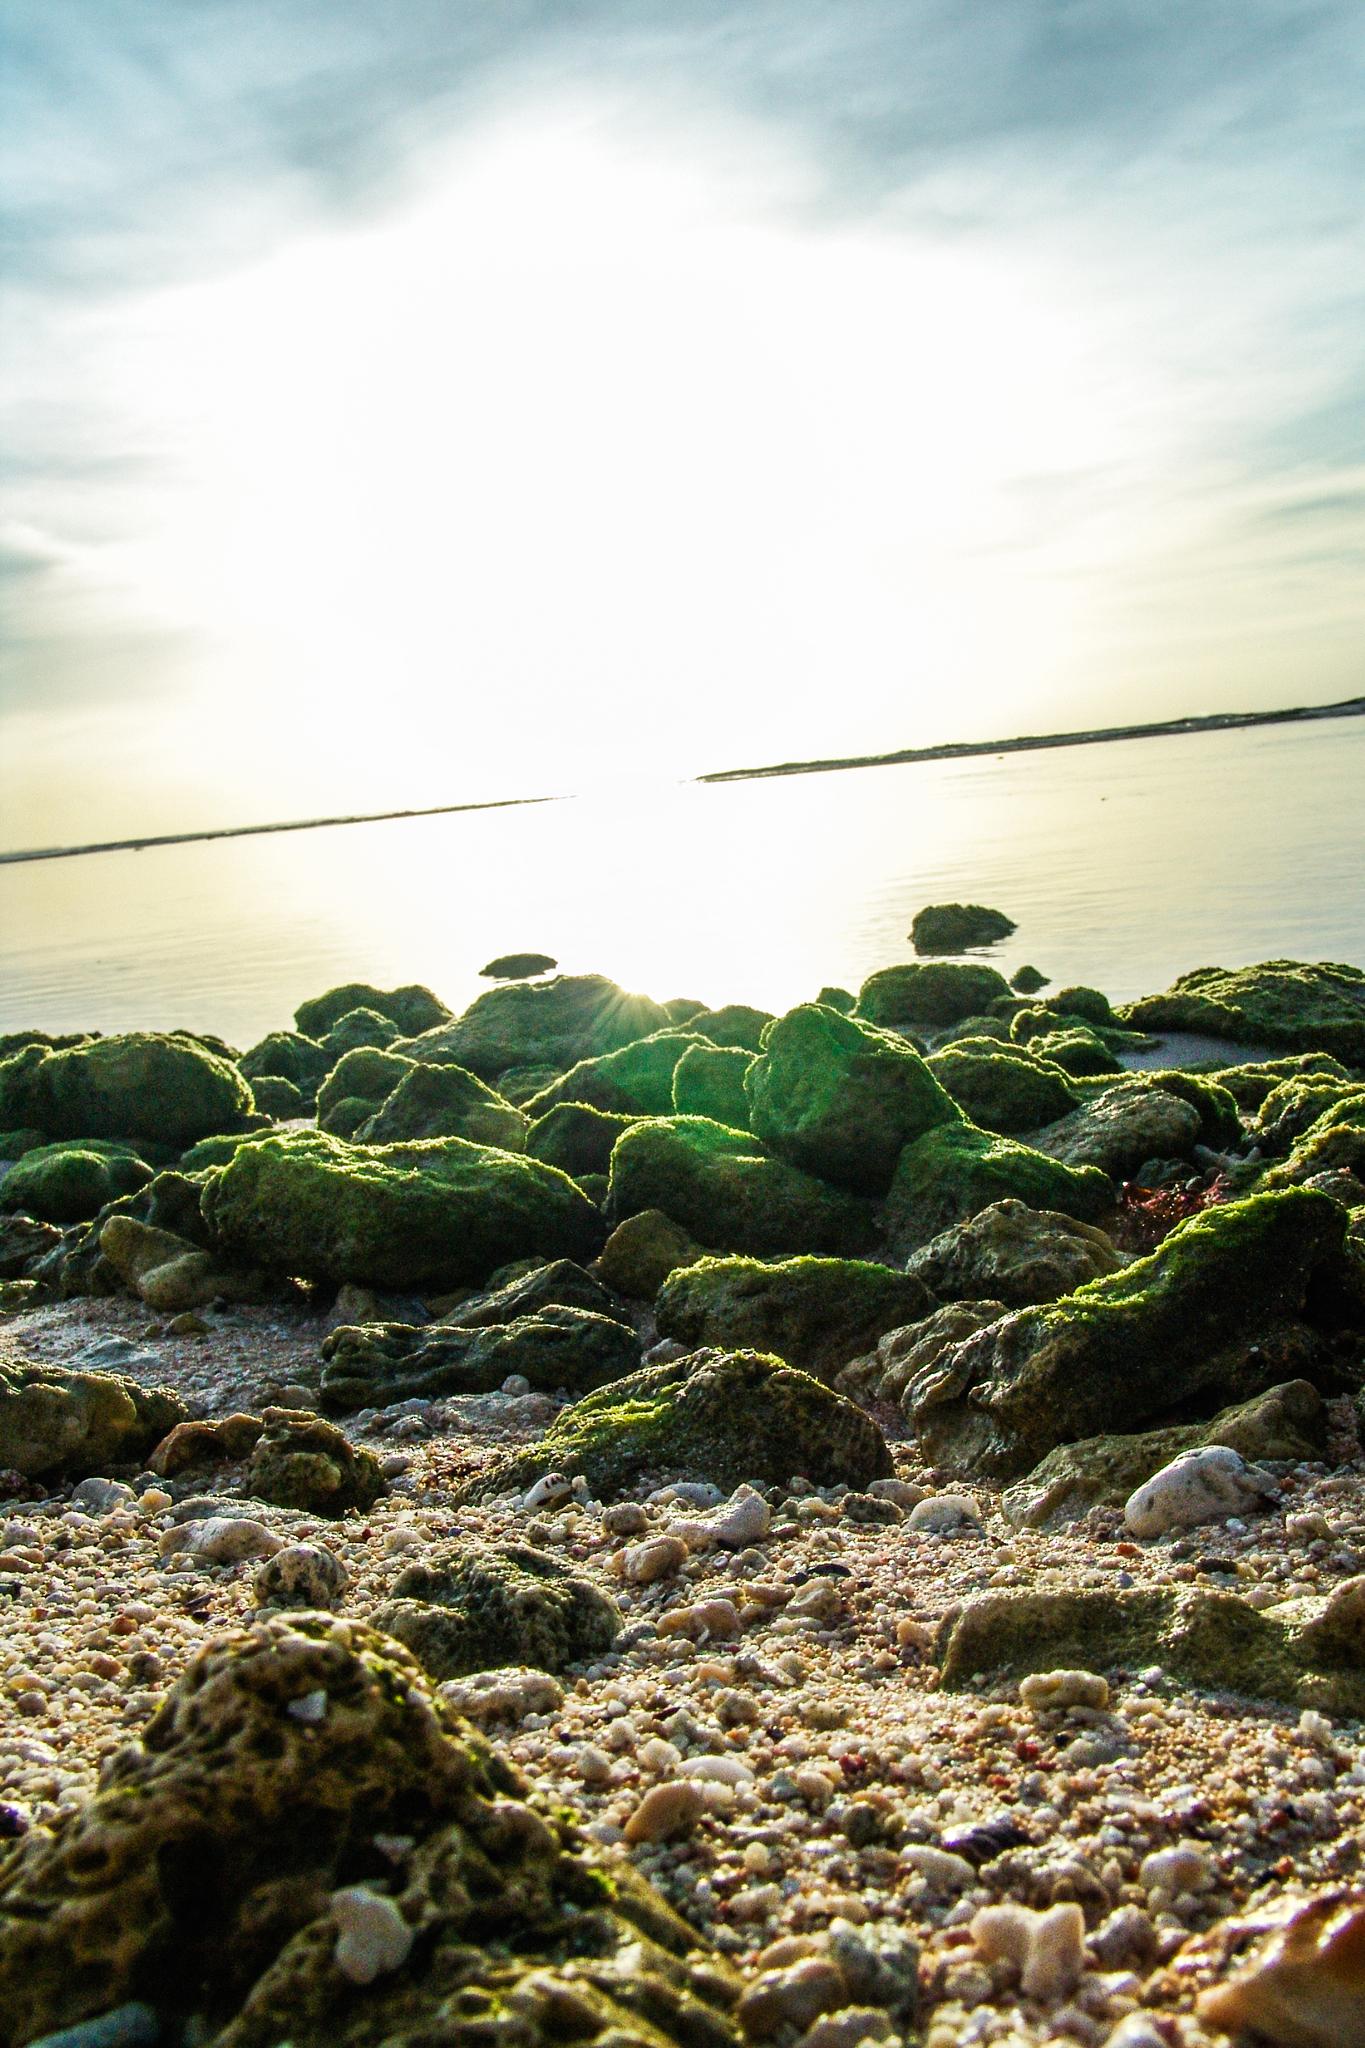 Low Tide (March 2006)